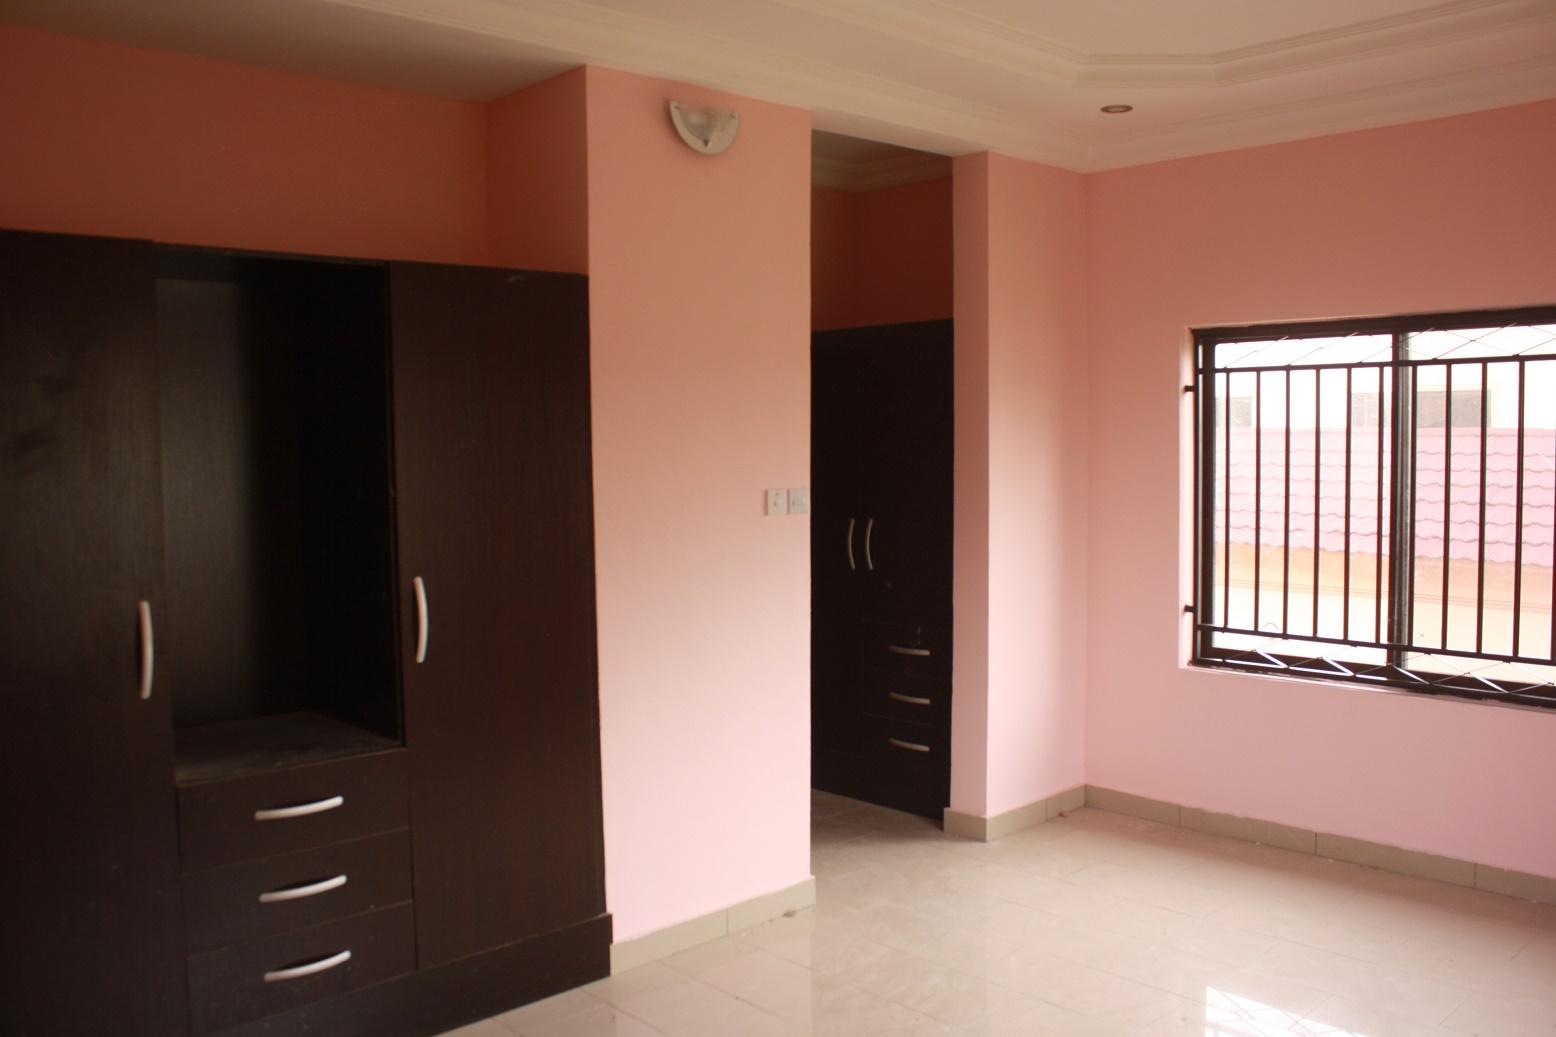 5 bedroom duplex at vgc